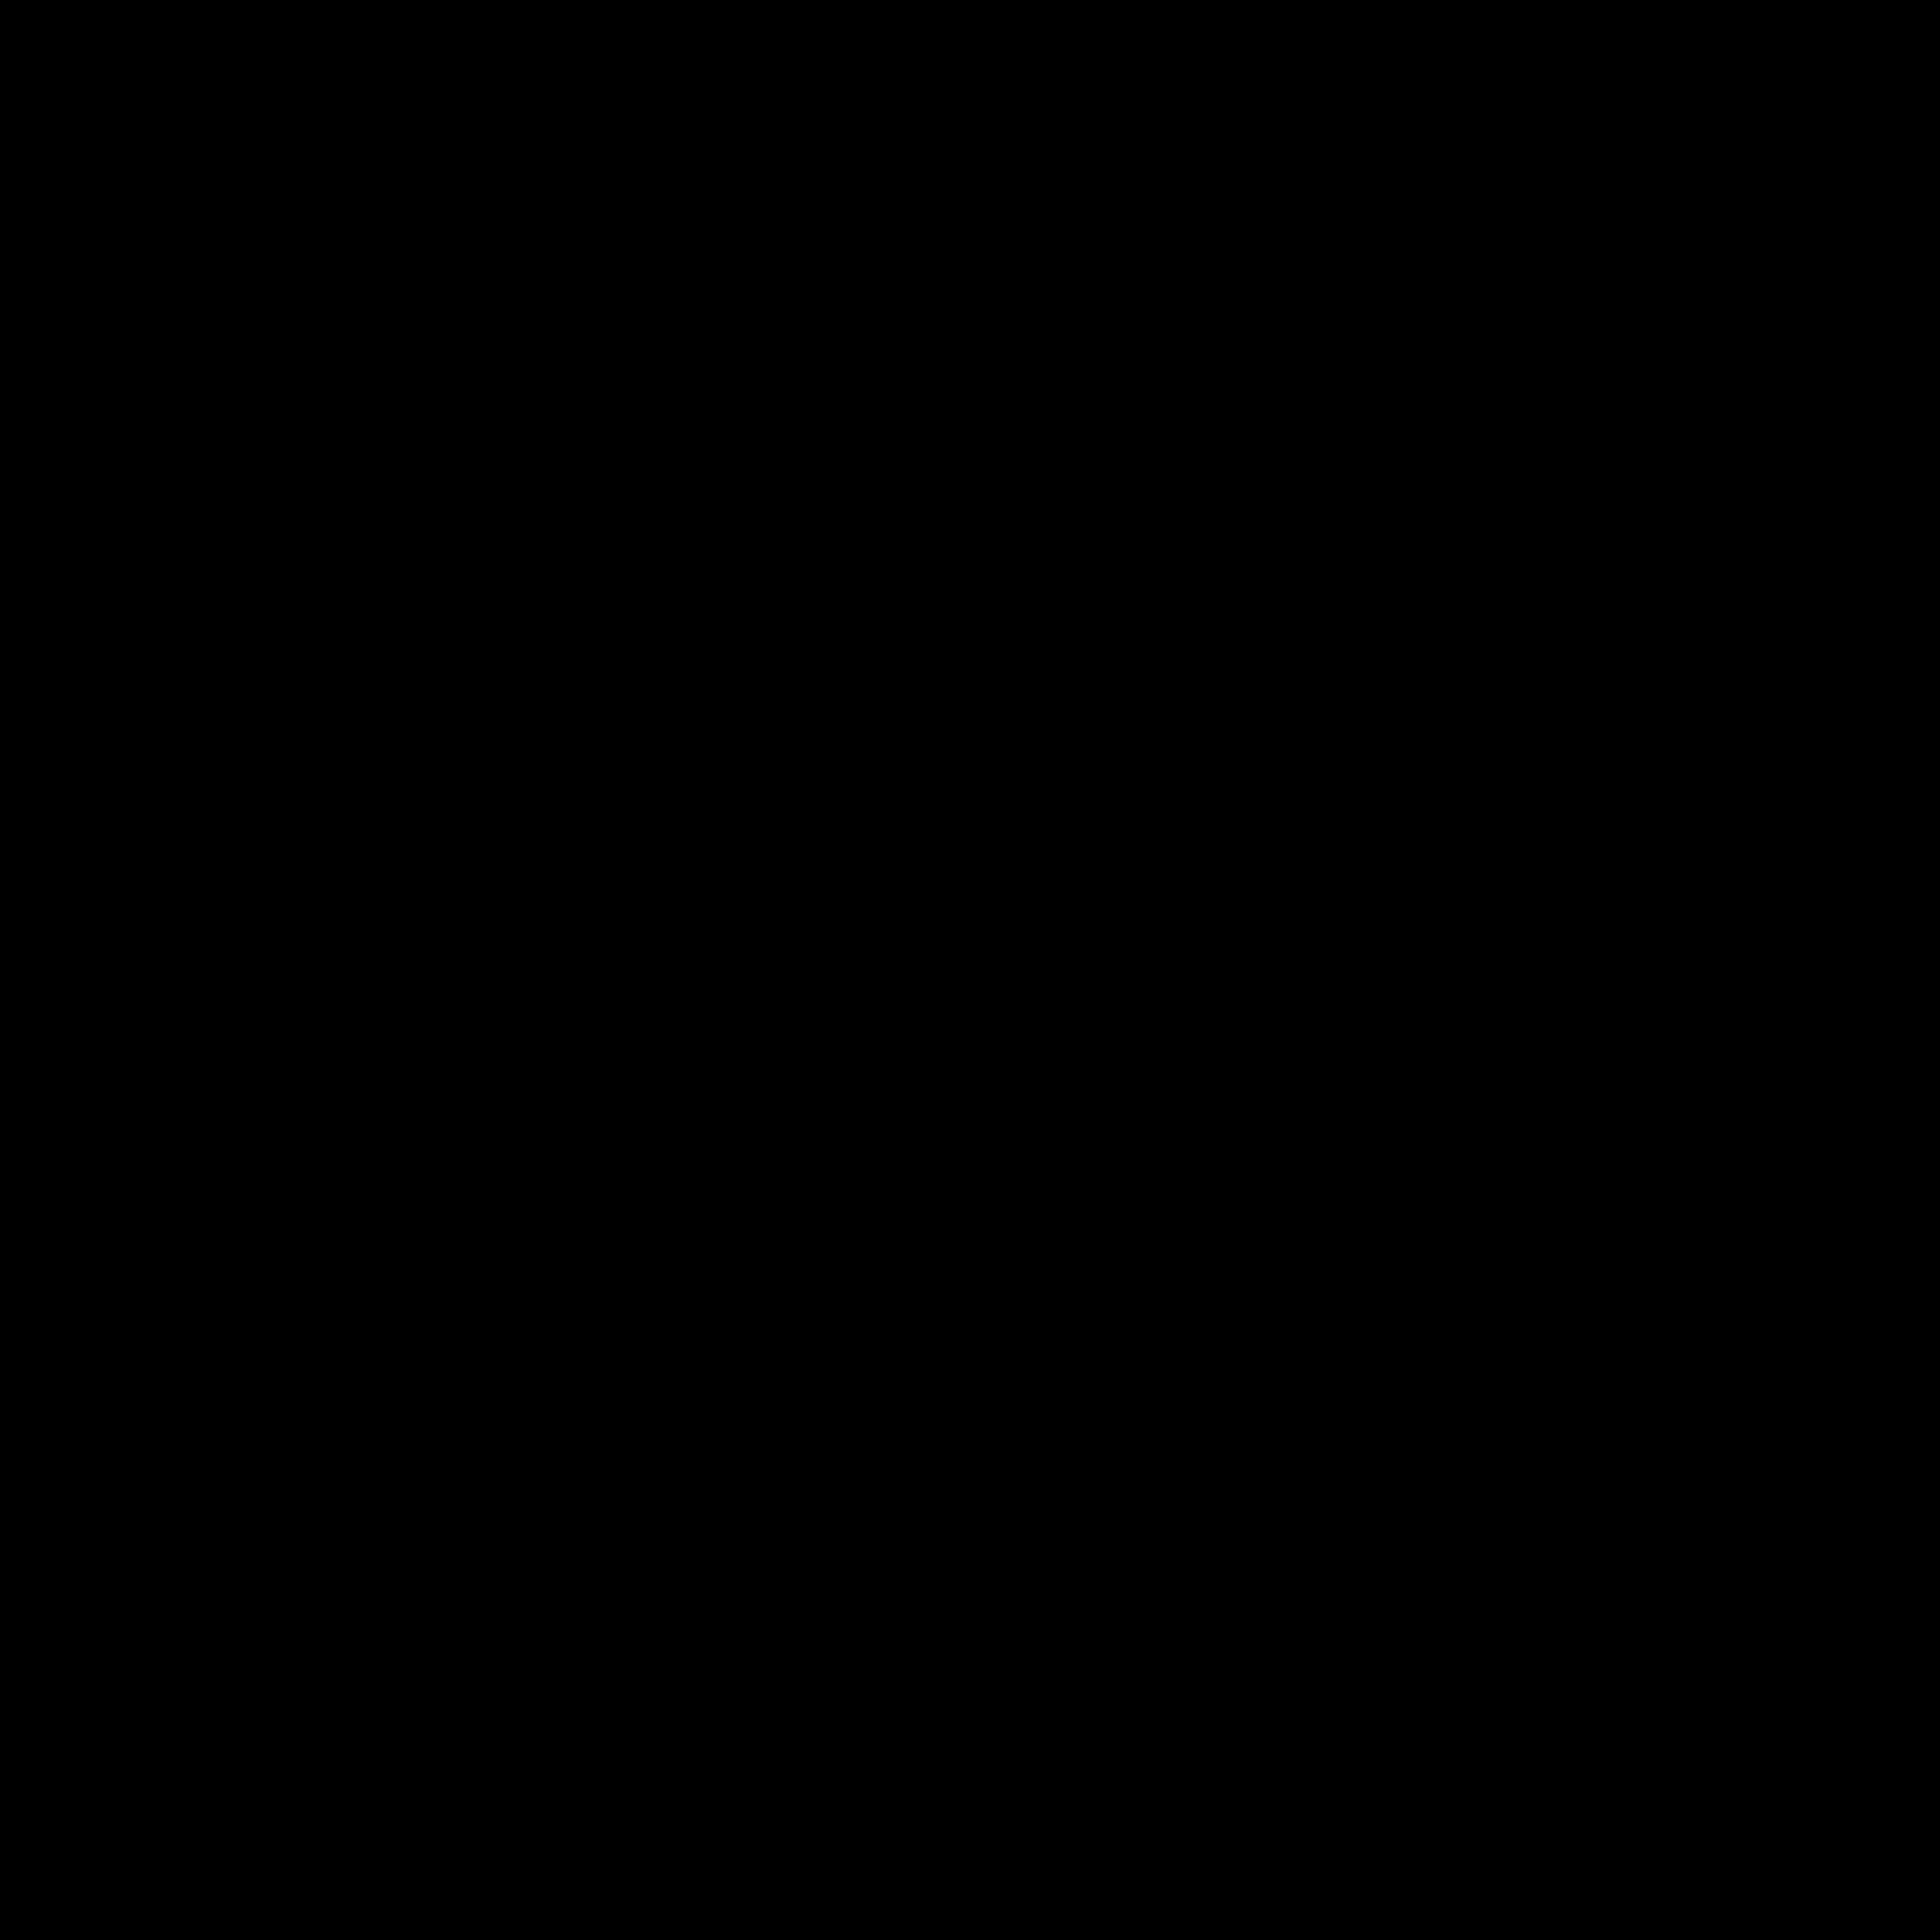 warner village cinemas logo png transparent svg vector freebie